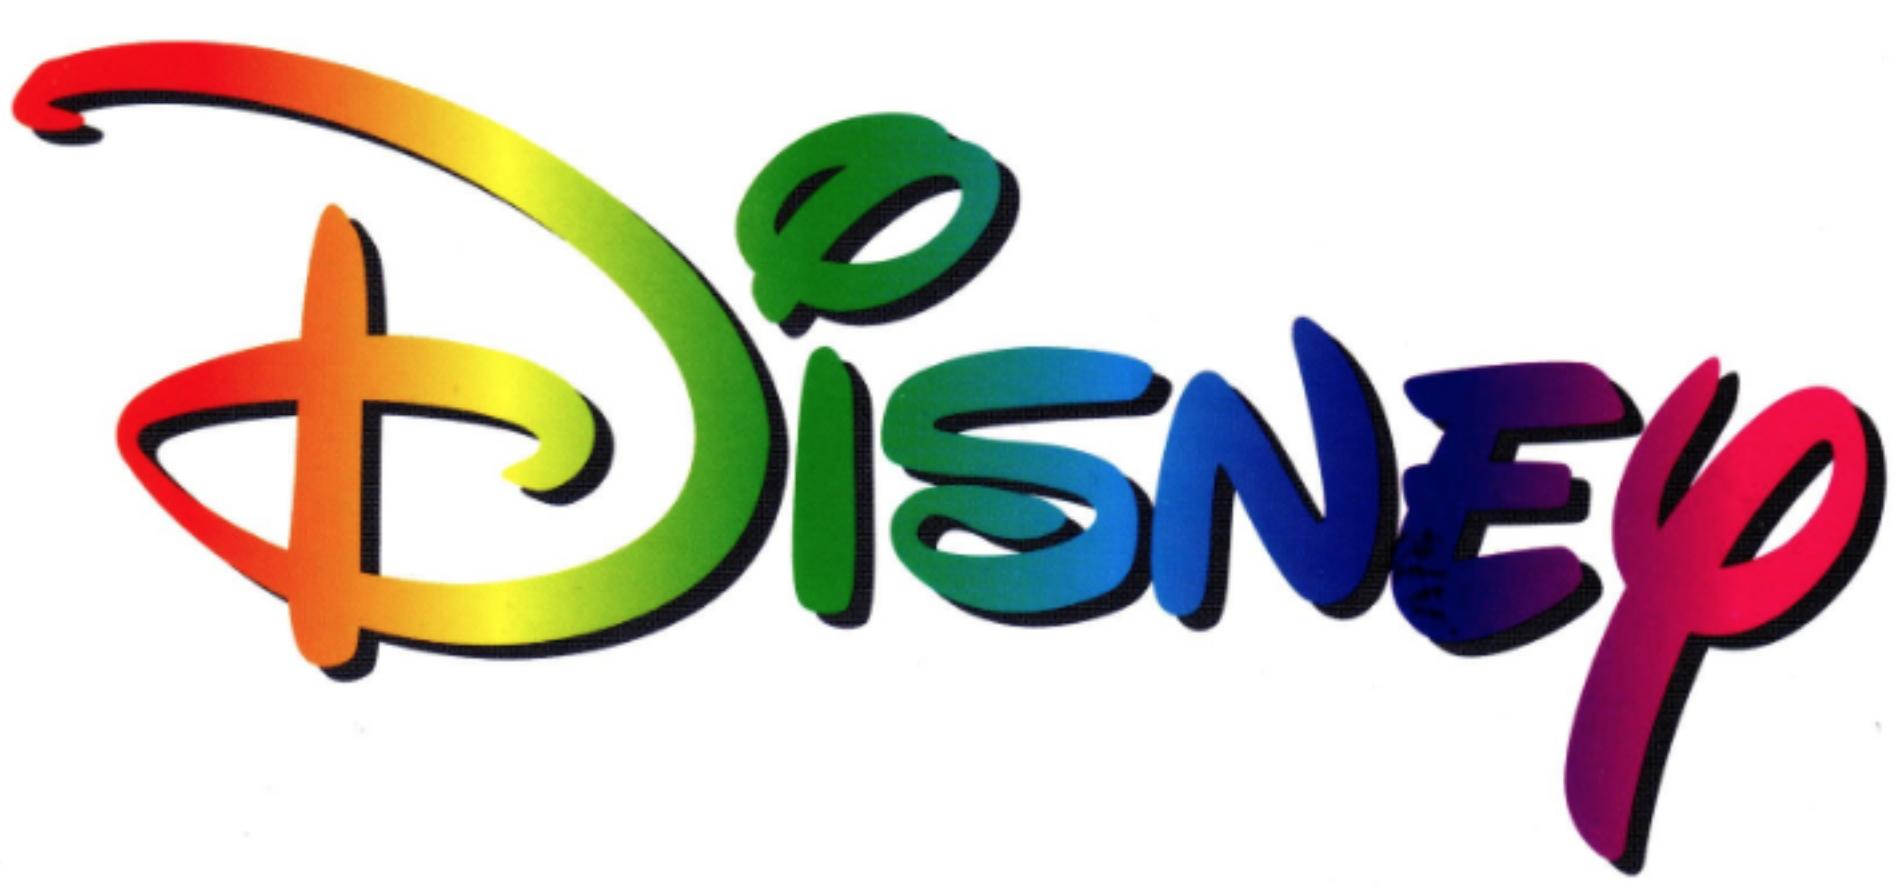 Disney's New Robotic Stunt Double